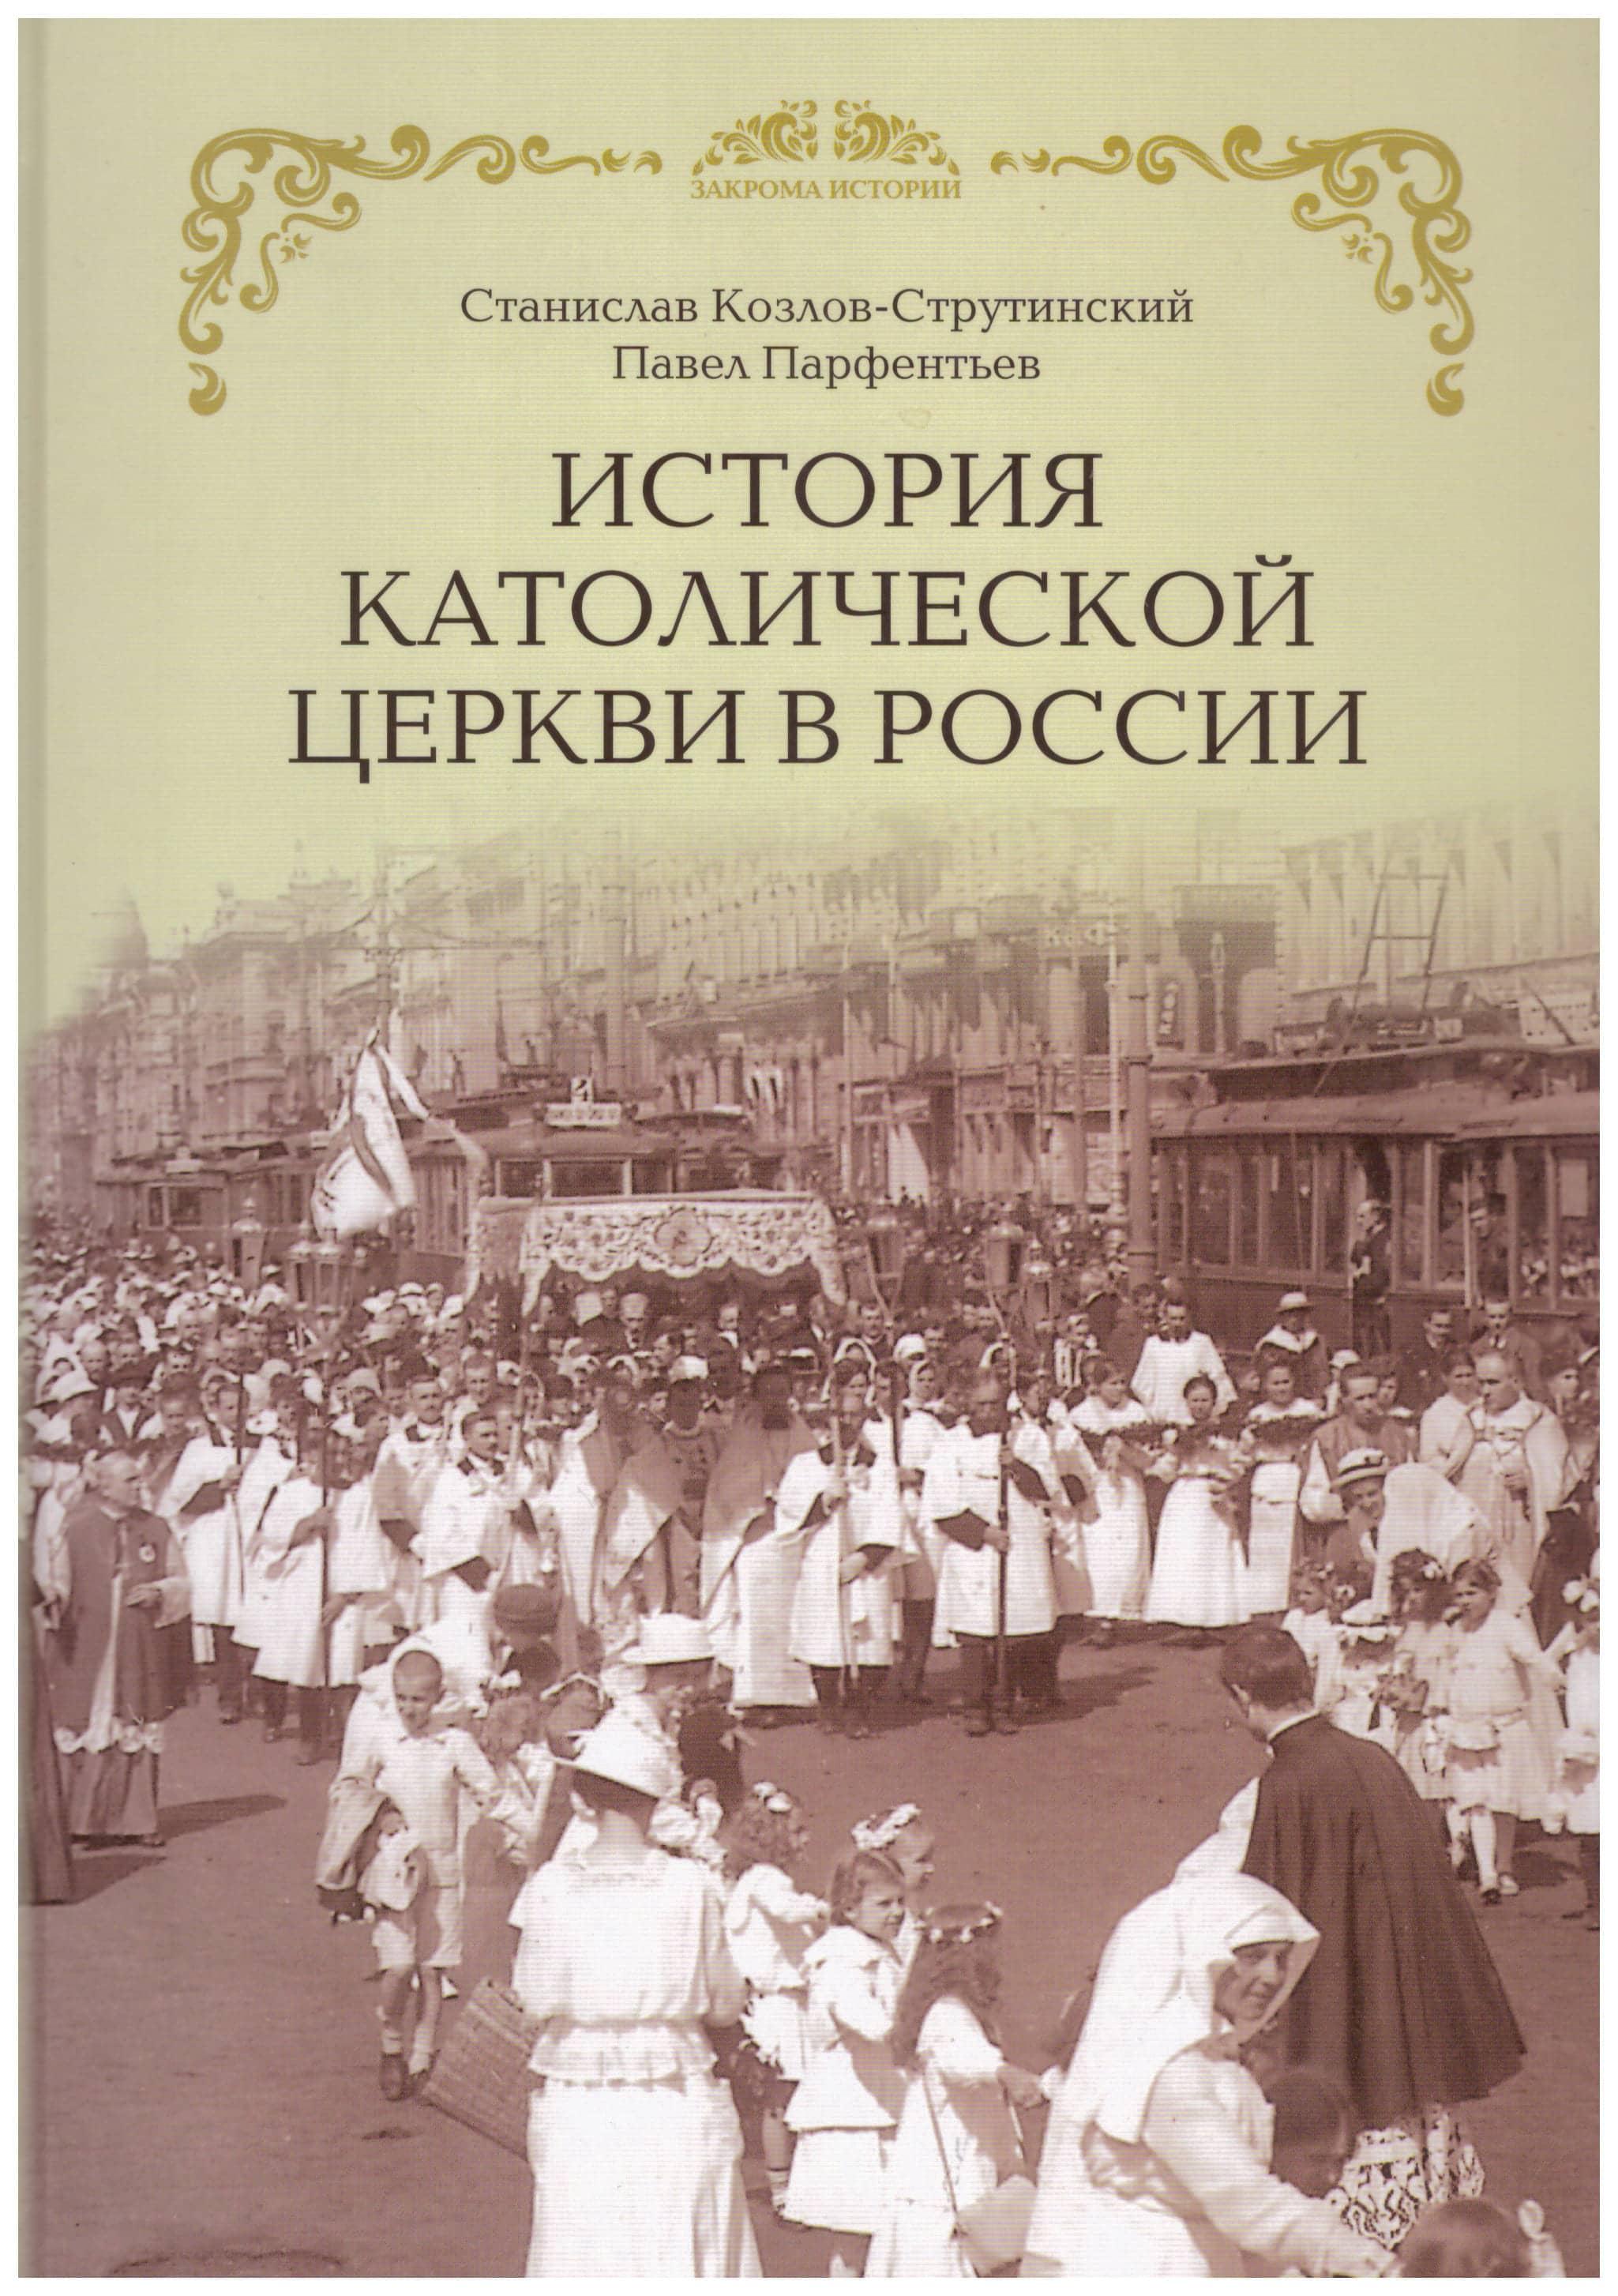 История Католической Церкви в России Станислав Козлов-Струтинский Парфентьев Павел Александрович